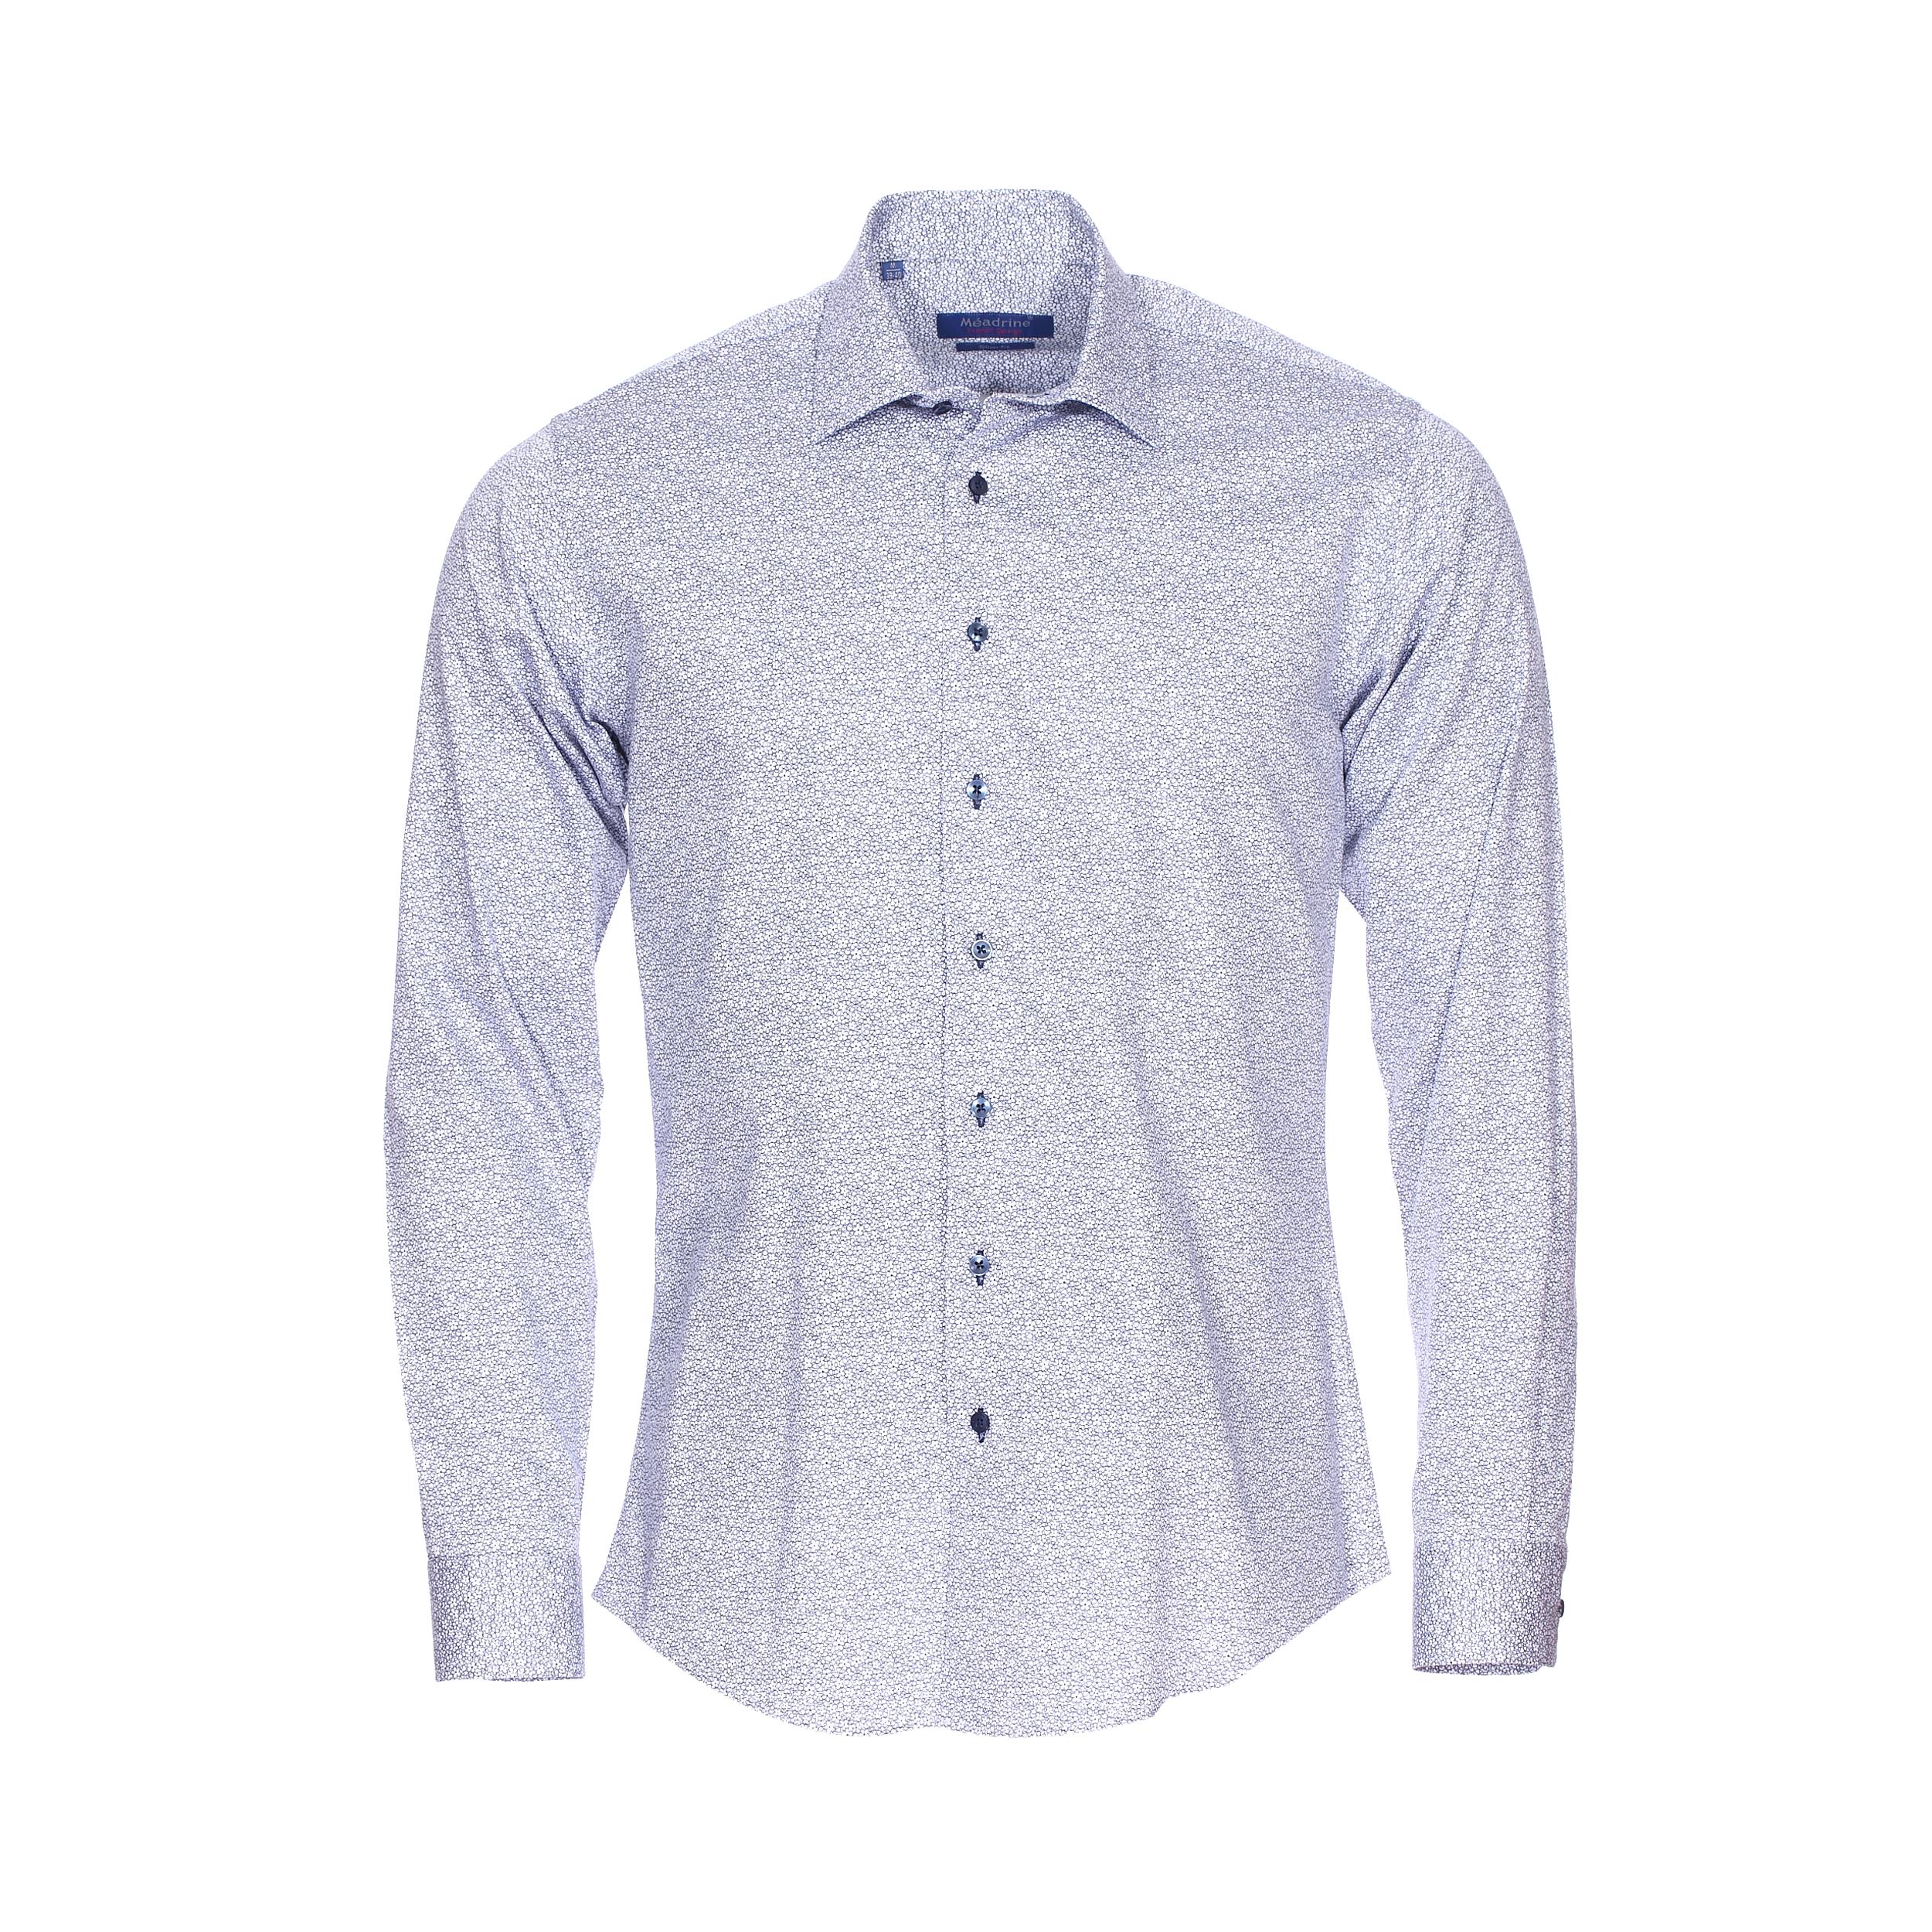 Chemise cintrée  en coton blanc à fleurs bleu marine